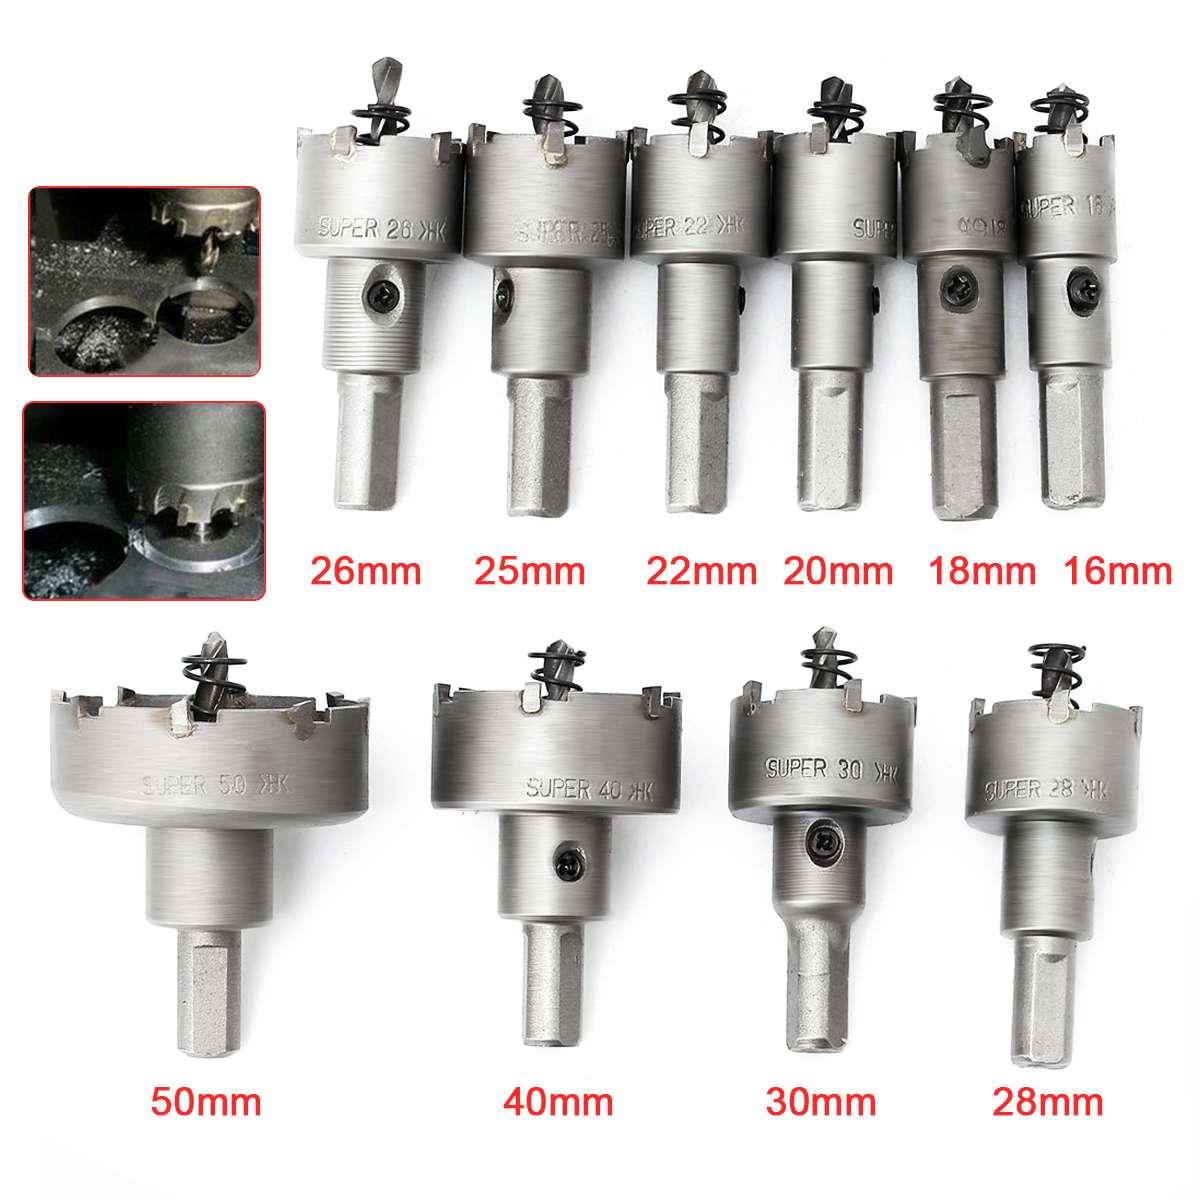 30-120mm Carbide Wall Hammer Drill Bit Hole Cutter Saw Wall Hole Cutter TCT Bit